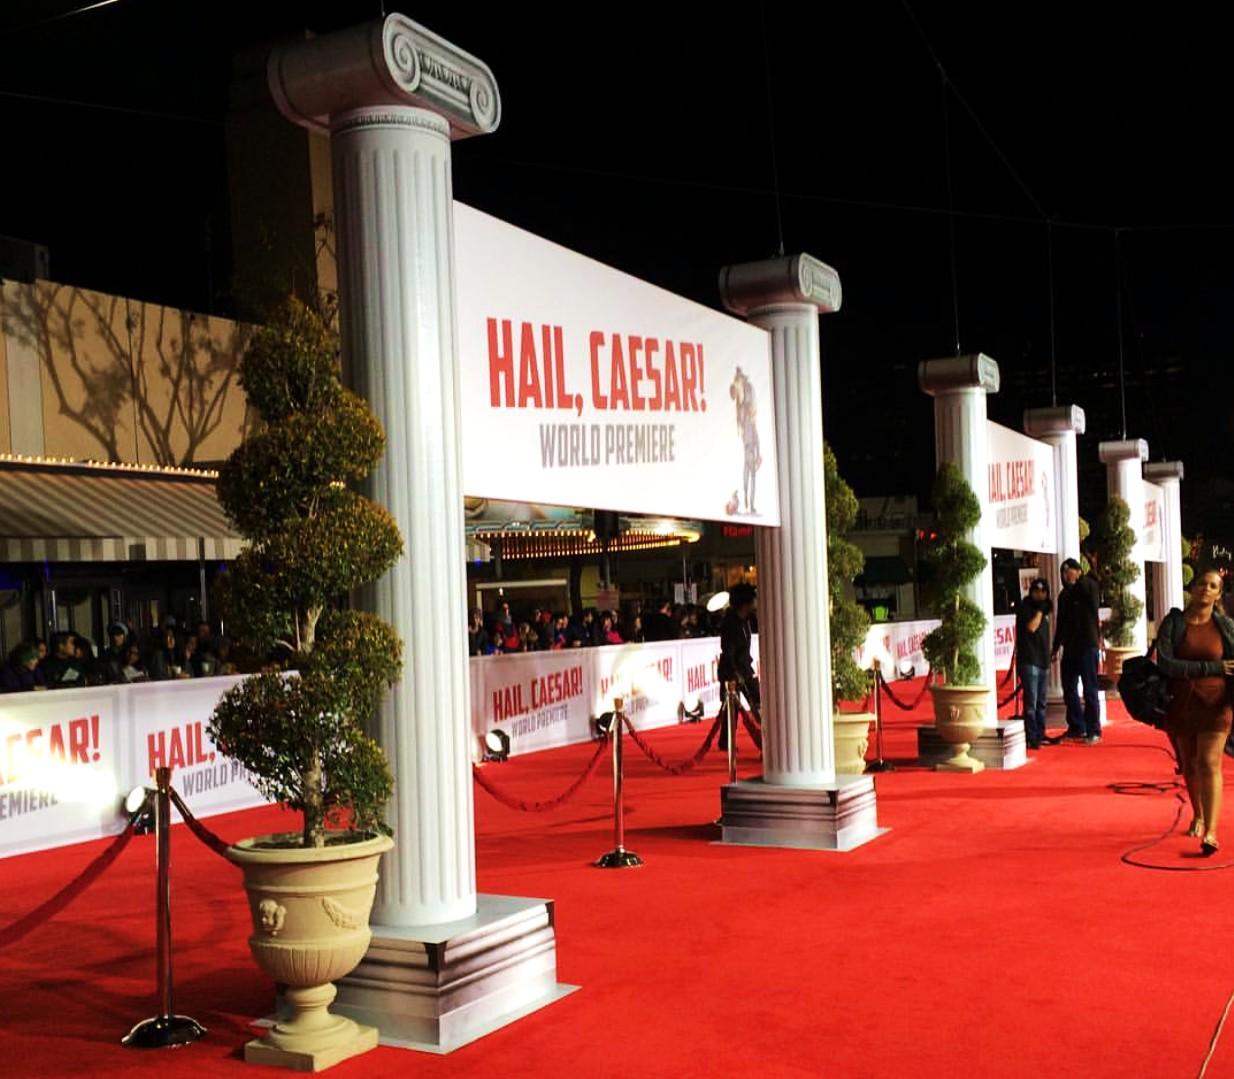 Hail Caesar, movie premiere, red carpet